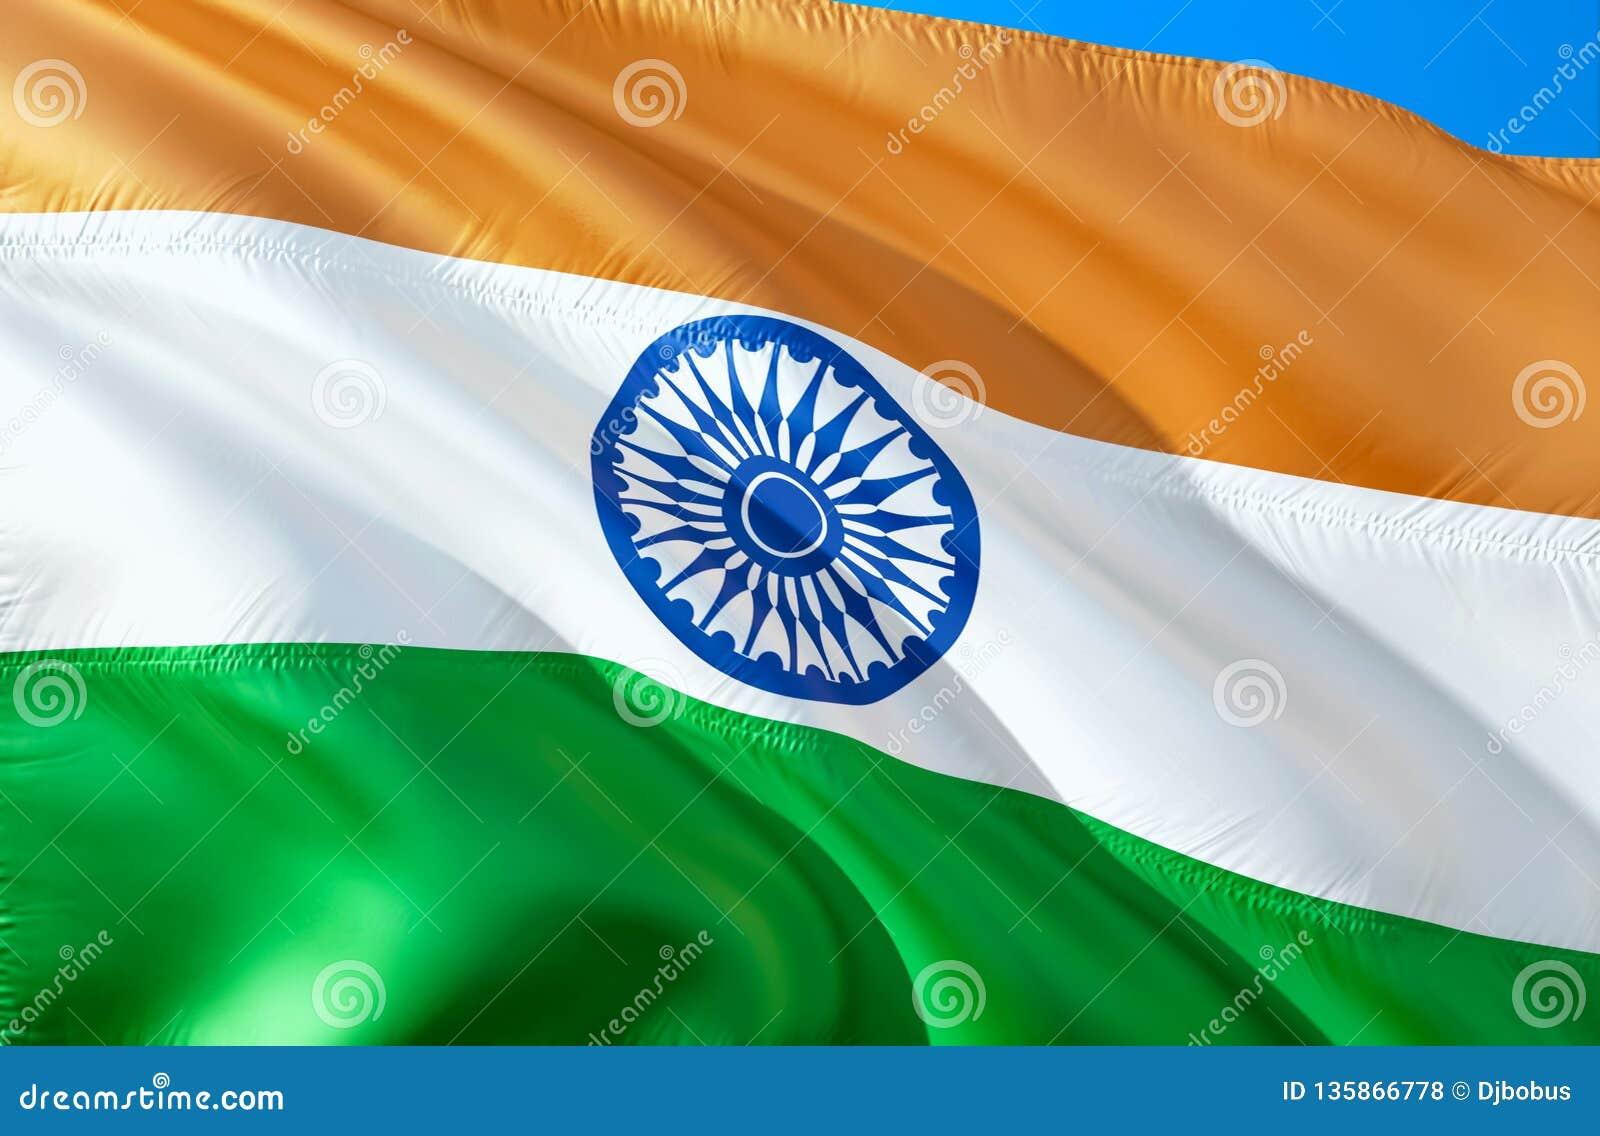 Bandeira indiana projeto de ondulação da bandeira 3D O símbolo nacional da Índia, rendição 3D Cores nacionais indianas Sinal de o